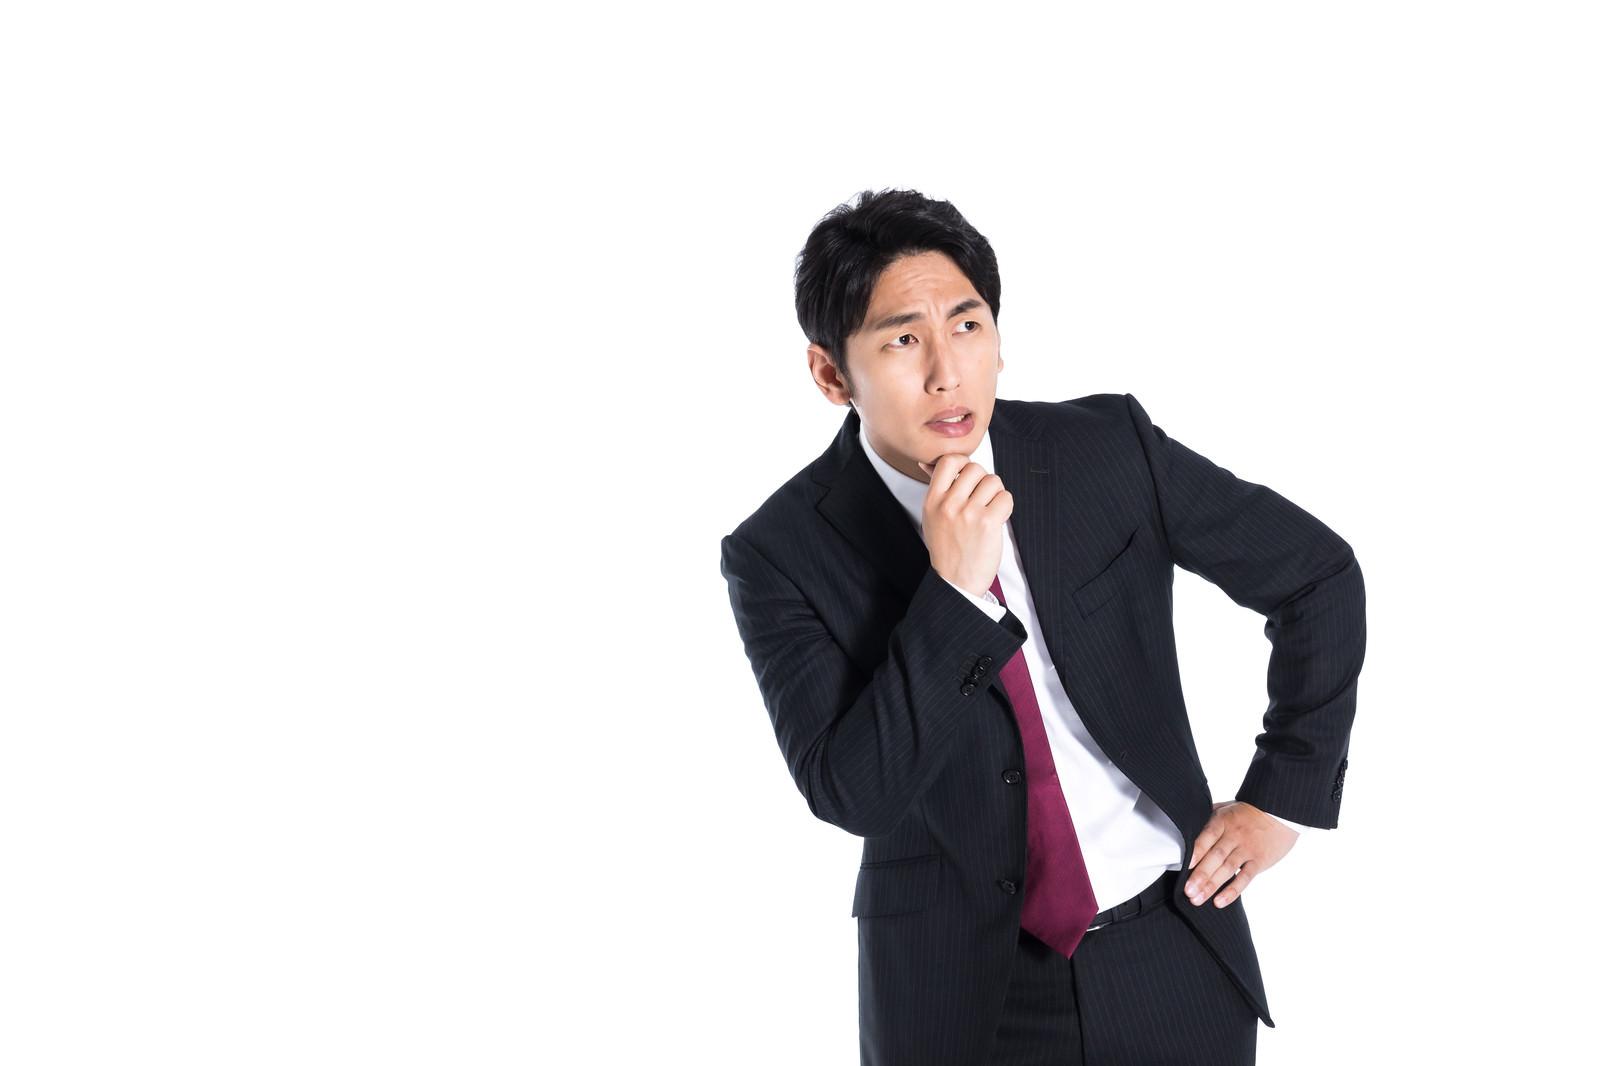 「業績を不安視するエリート」の写真[モデル:大川竜弥]